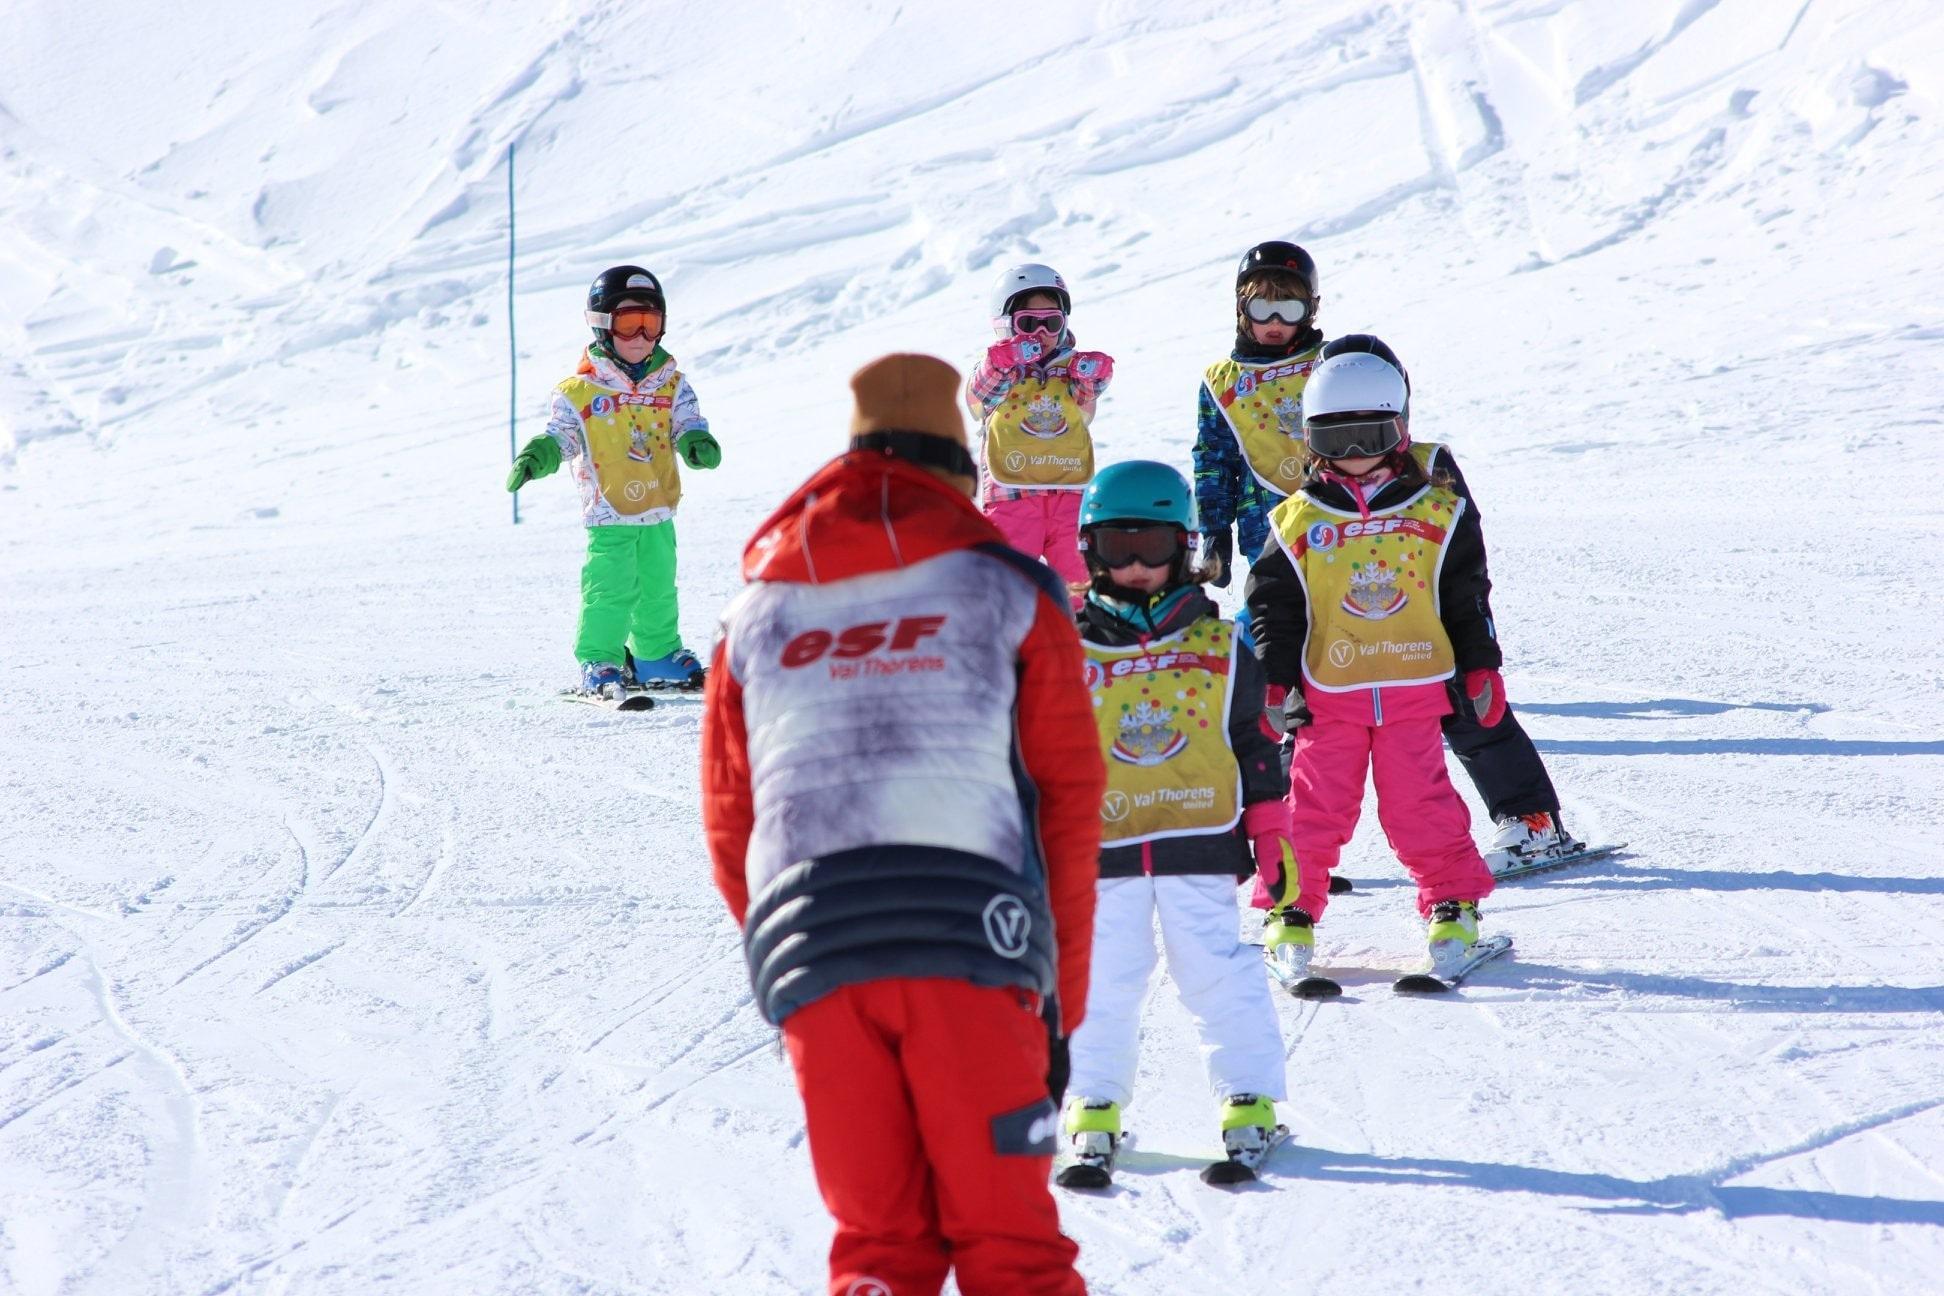 Skilessen voor kinderen vanaf 5 jaar voor alle niveaus